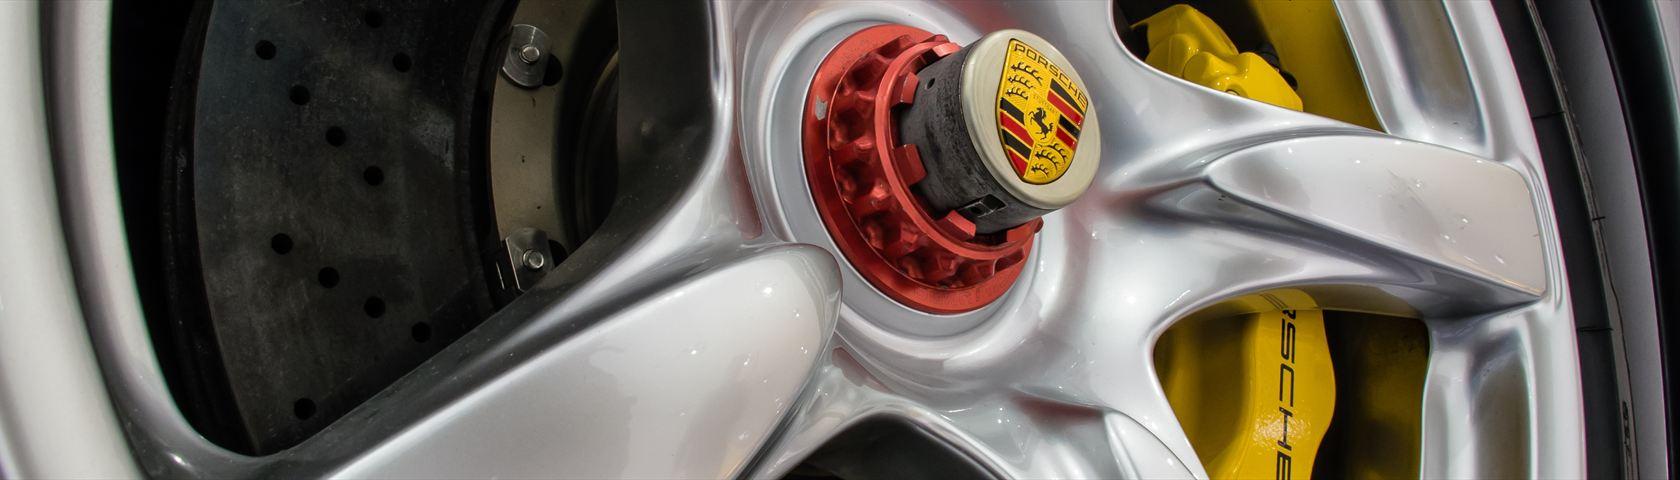 Porsche Rim